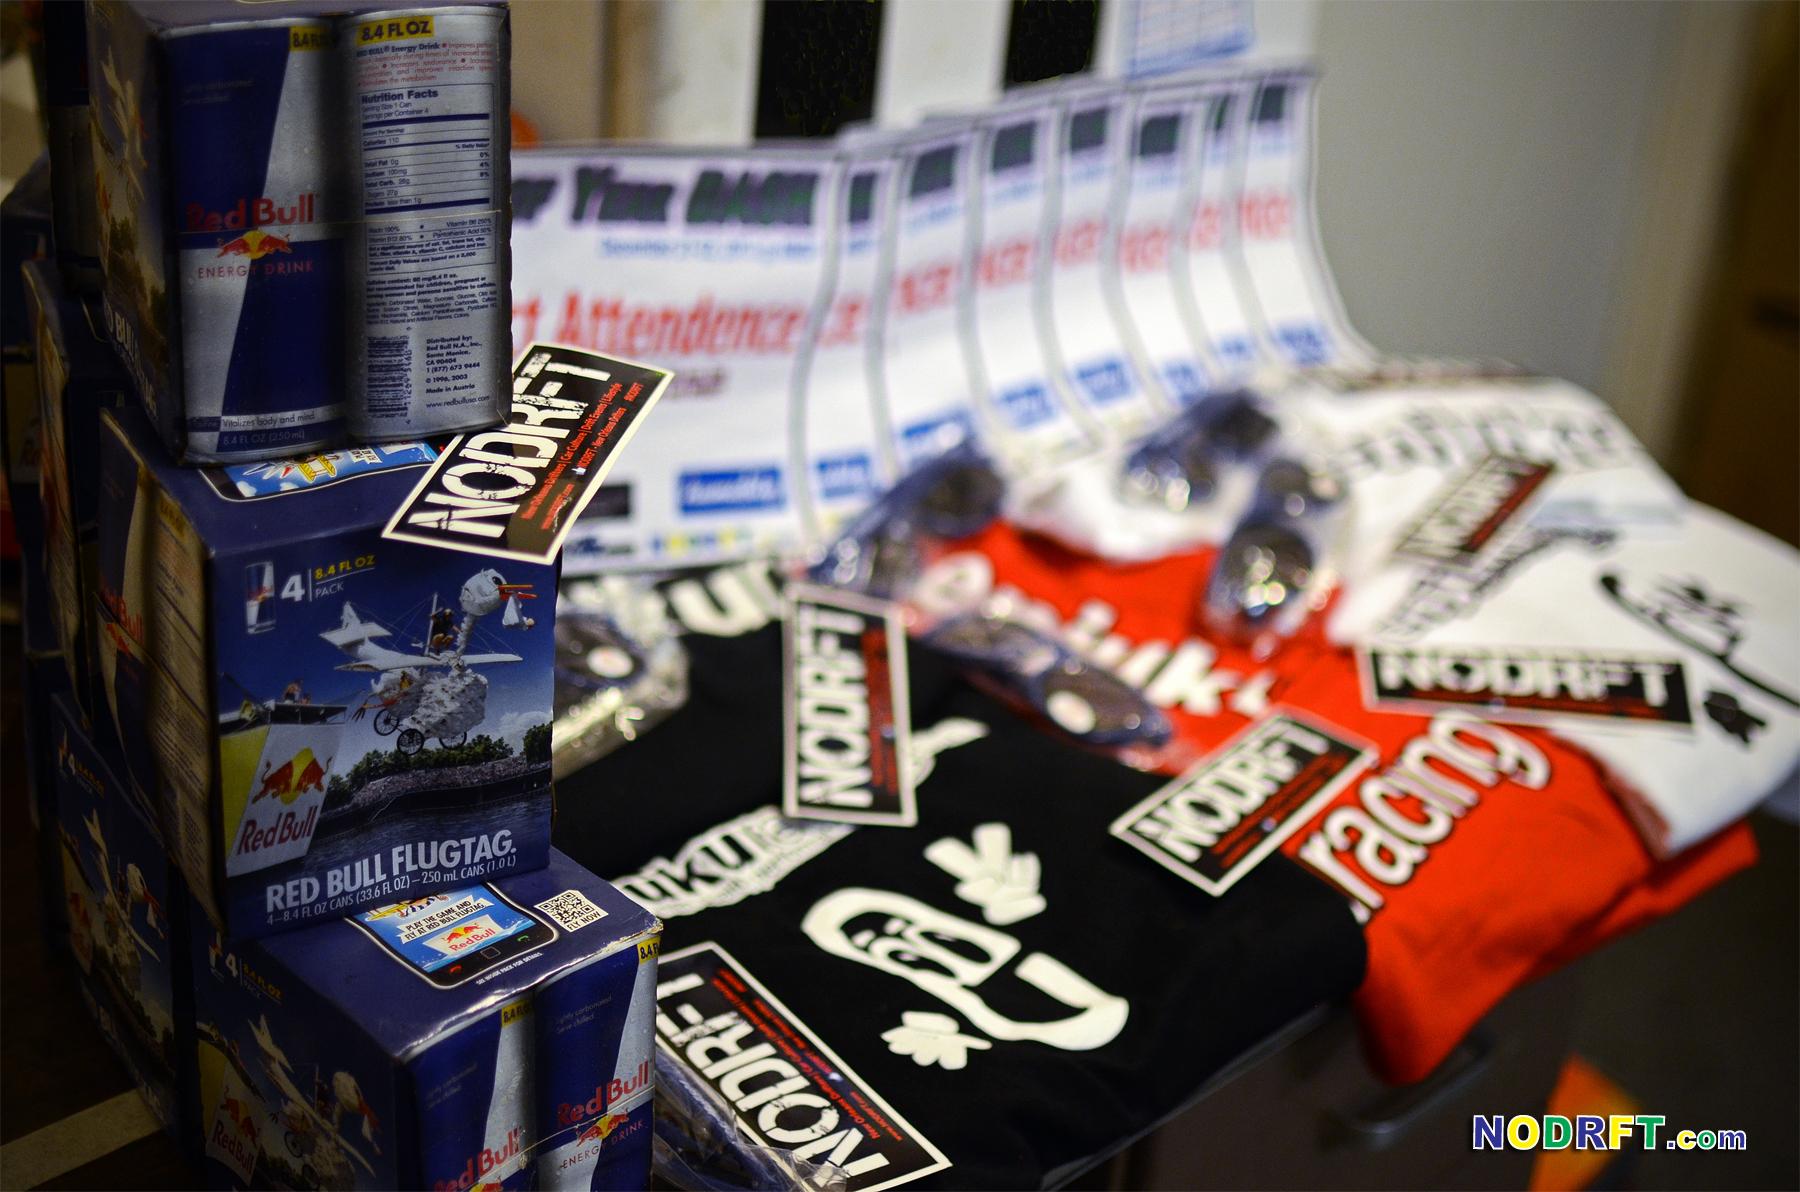 NODRFT's gift pack 4pack of RedBull, Redbull Shades, EnjukuRacing Tee, ND Voucher, and slap stickers!